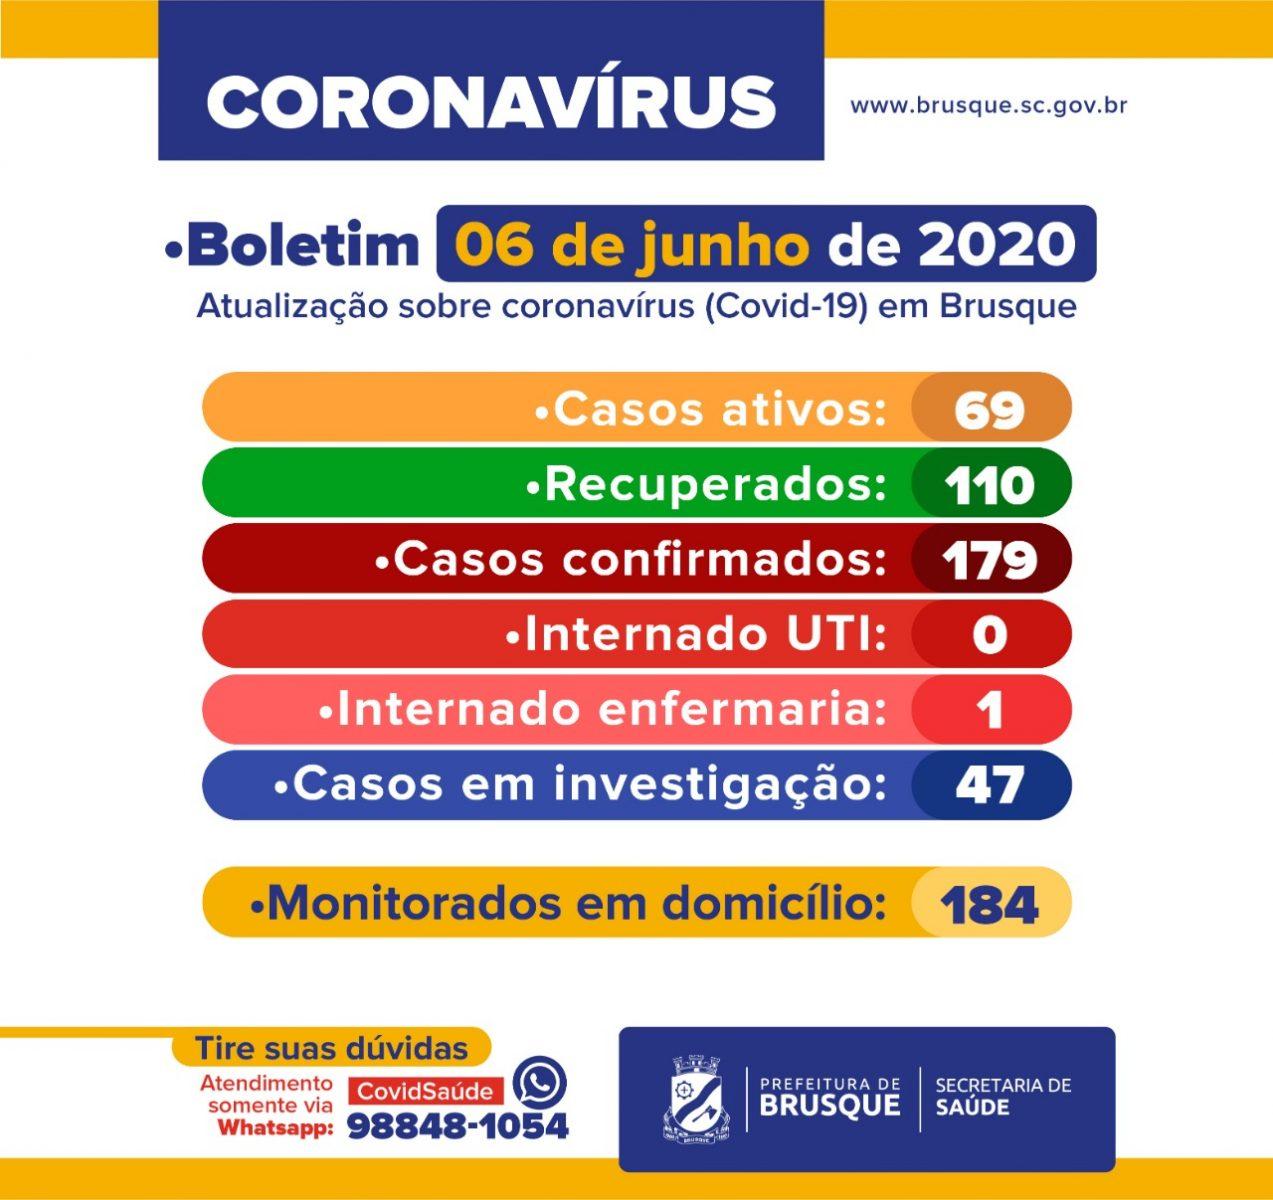 Boletim Epidemiológico: Brusque com 179 casos de coronavírus